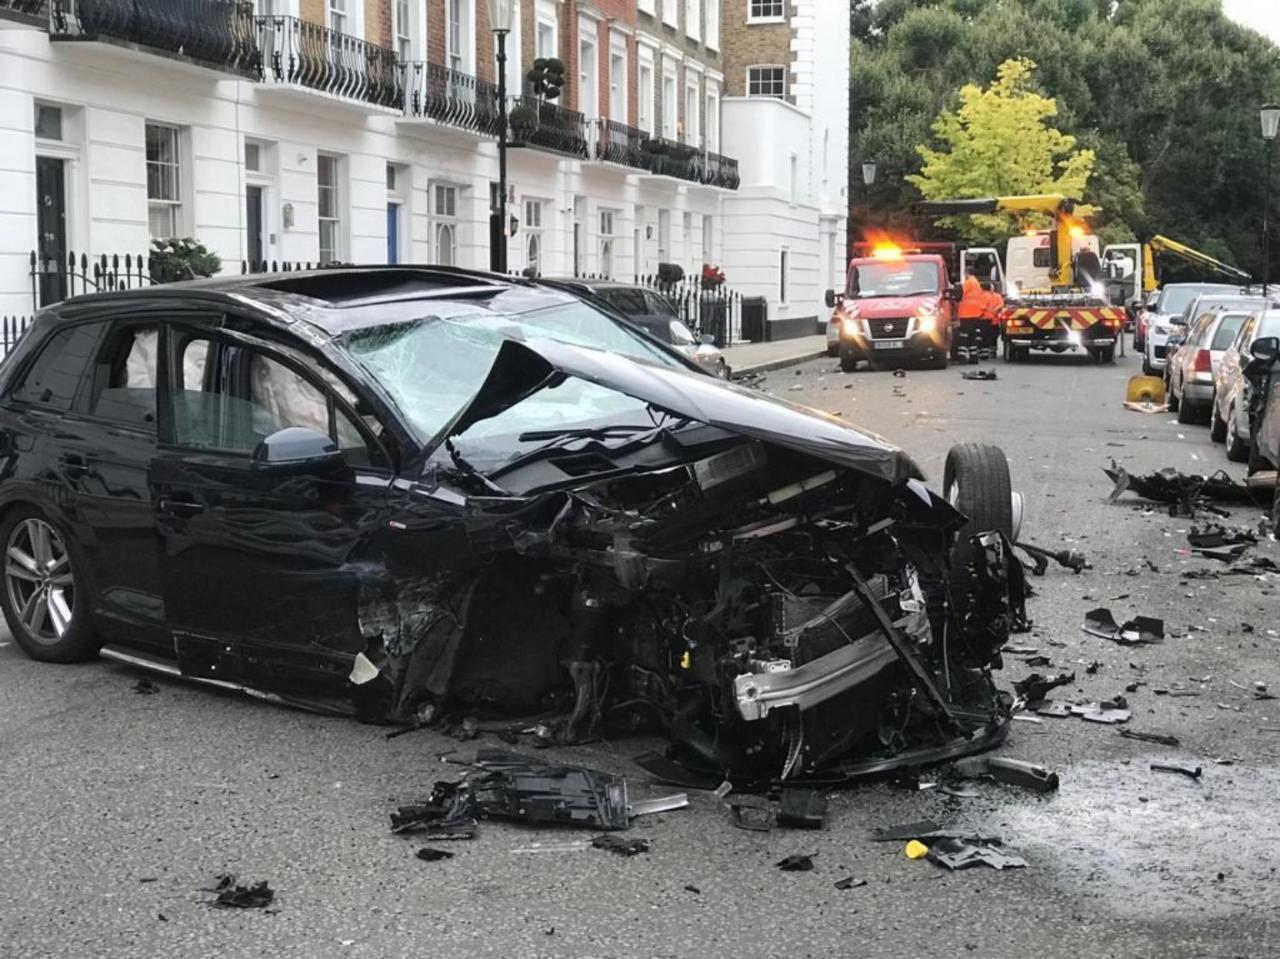 Công ty bảo hiểm sẽ bồi thường thiệt hại về tính chất mạng, tài sản khi toàn bộ chúng ta gặp sự cố, tai nạn đáng tiếc